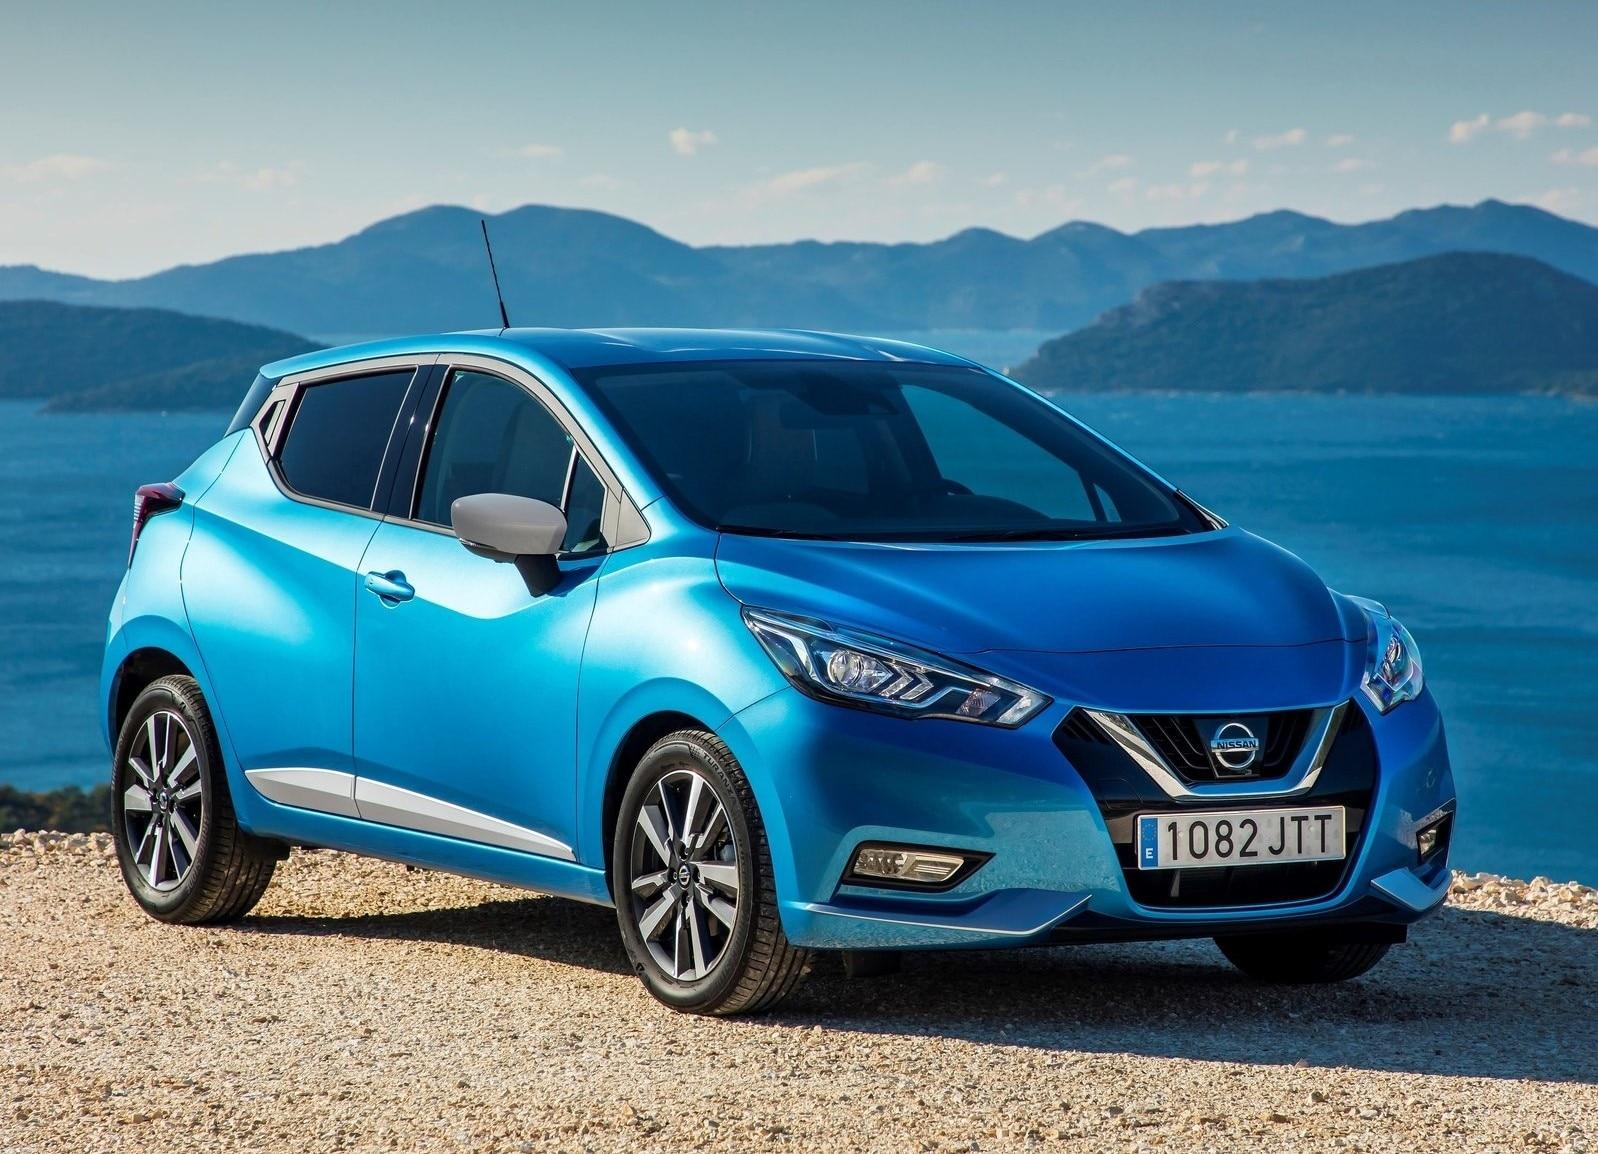 Renault Vai Desenvolver E Produzir Proxima Geracao Do Nissan March